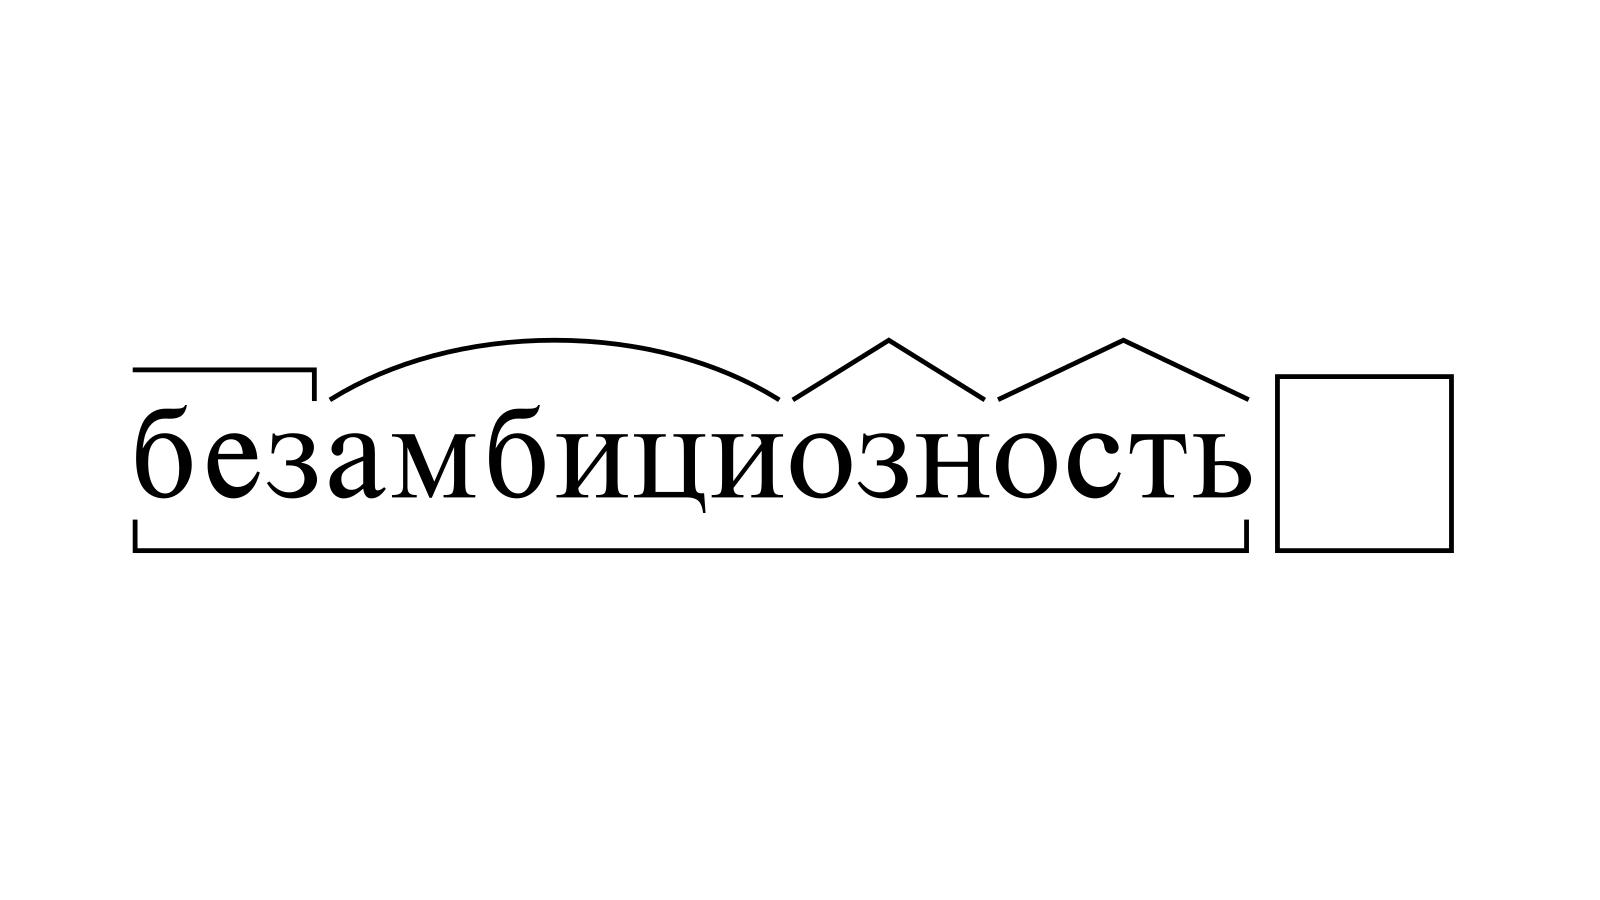 Разбор слова «безамбициозность» по составу